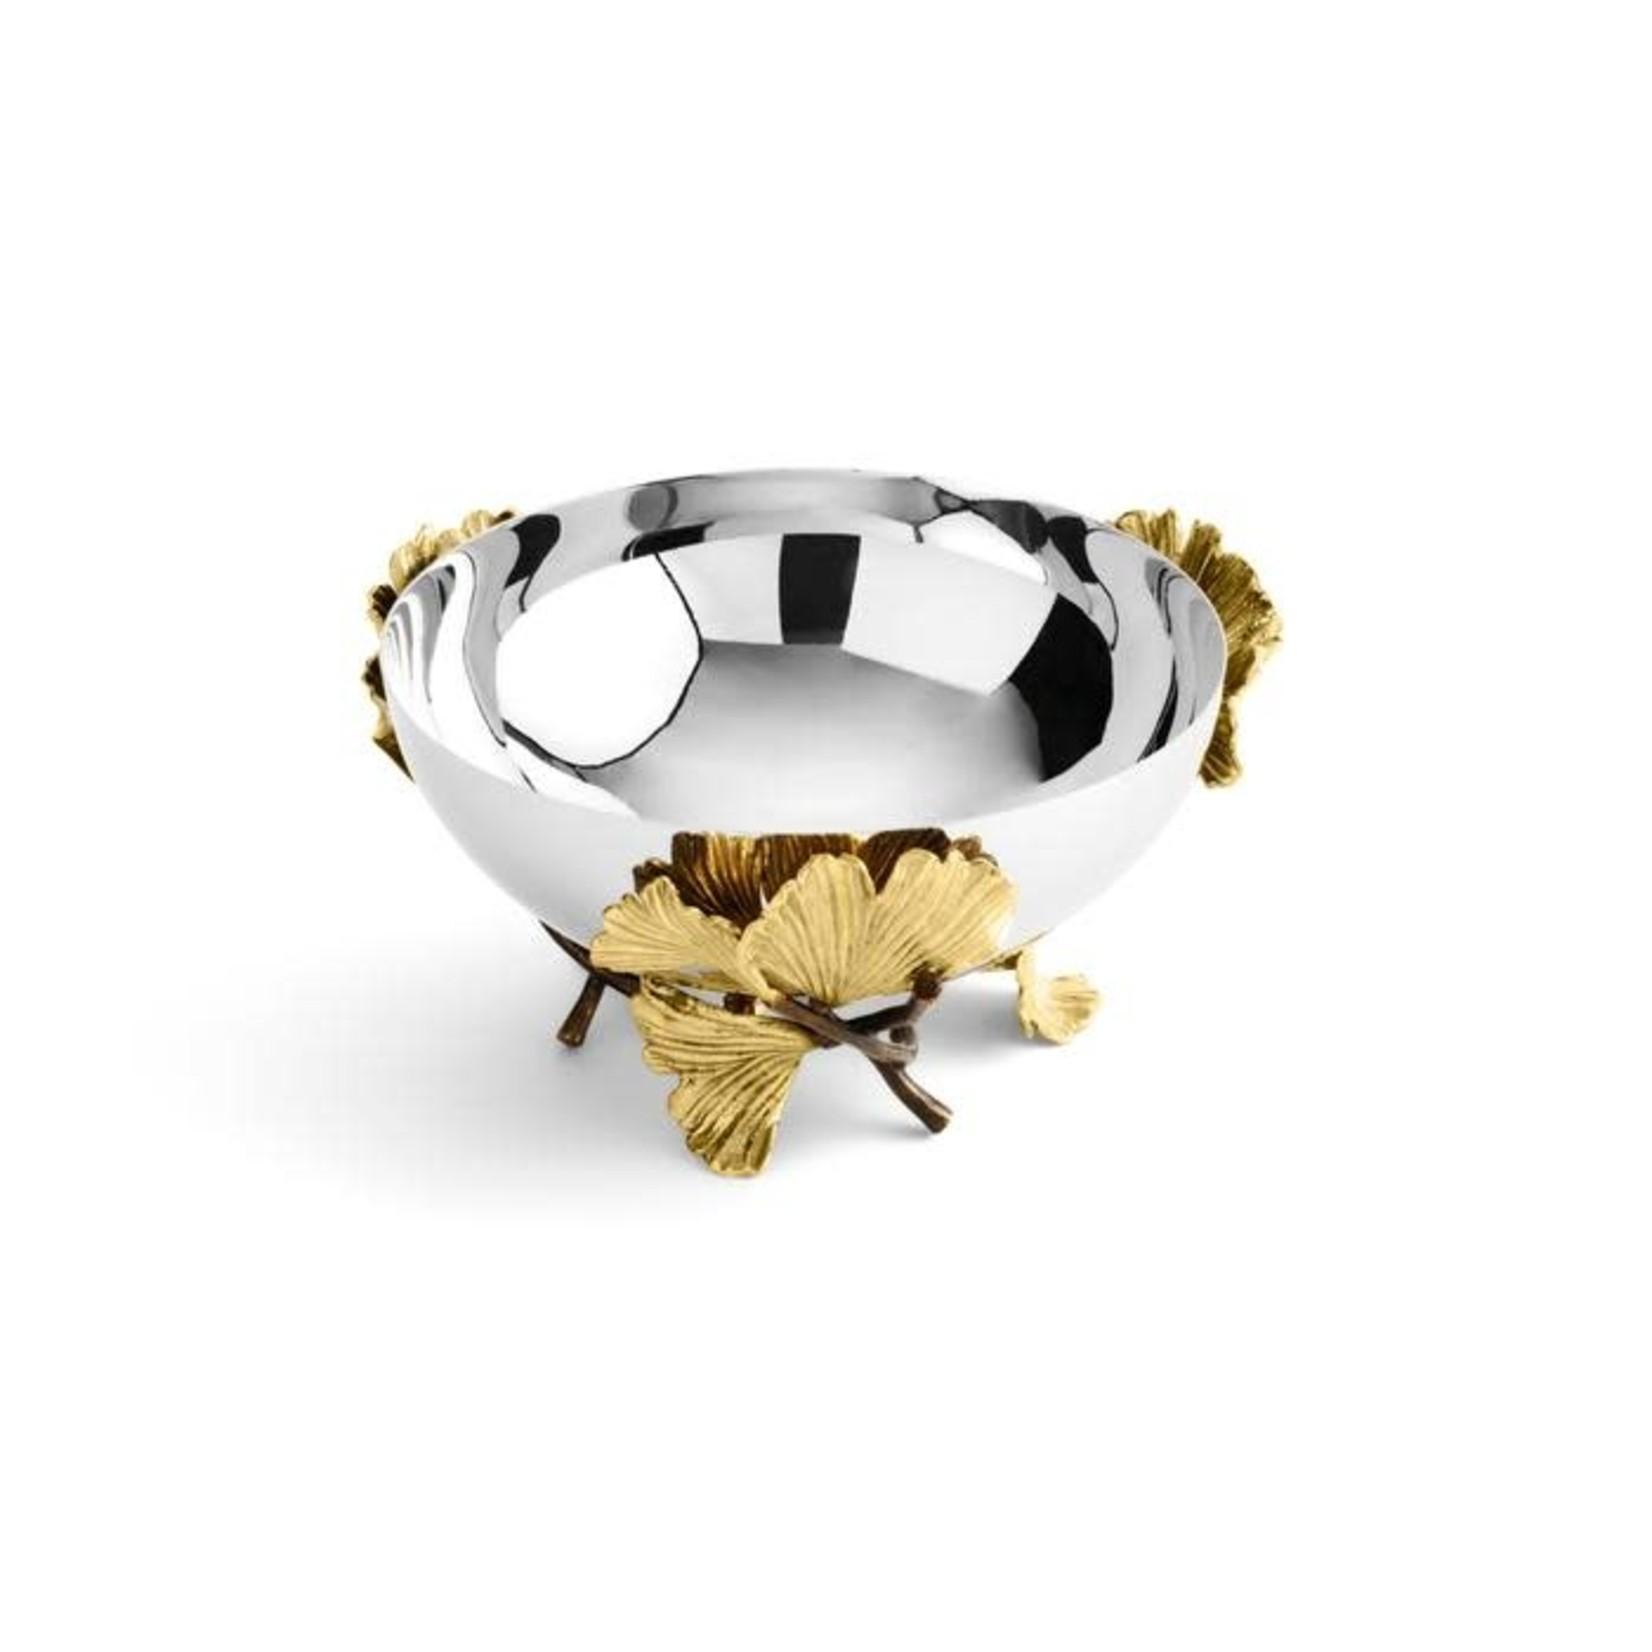 Michael Aram Golden Ginkgo Small Bowl